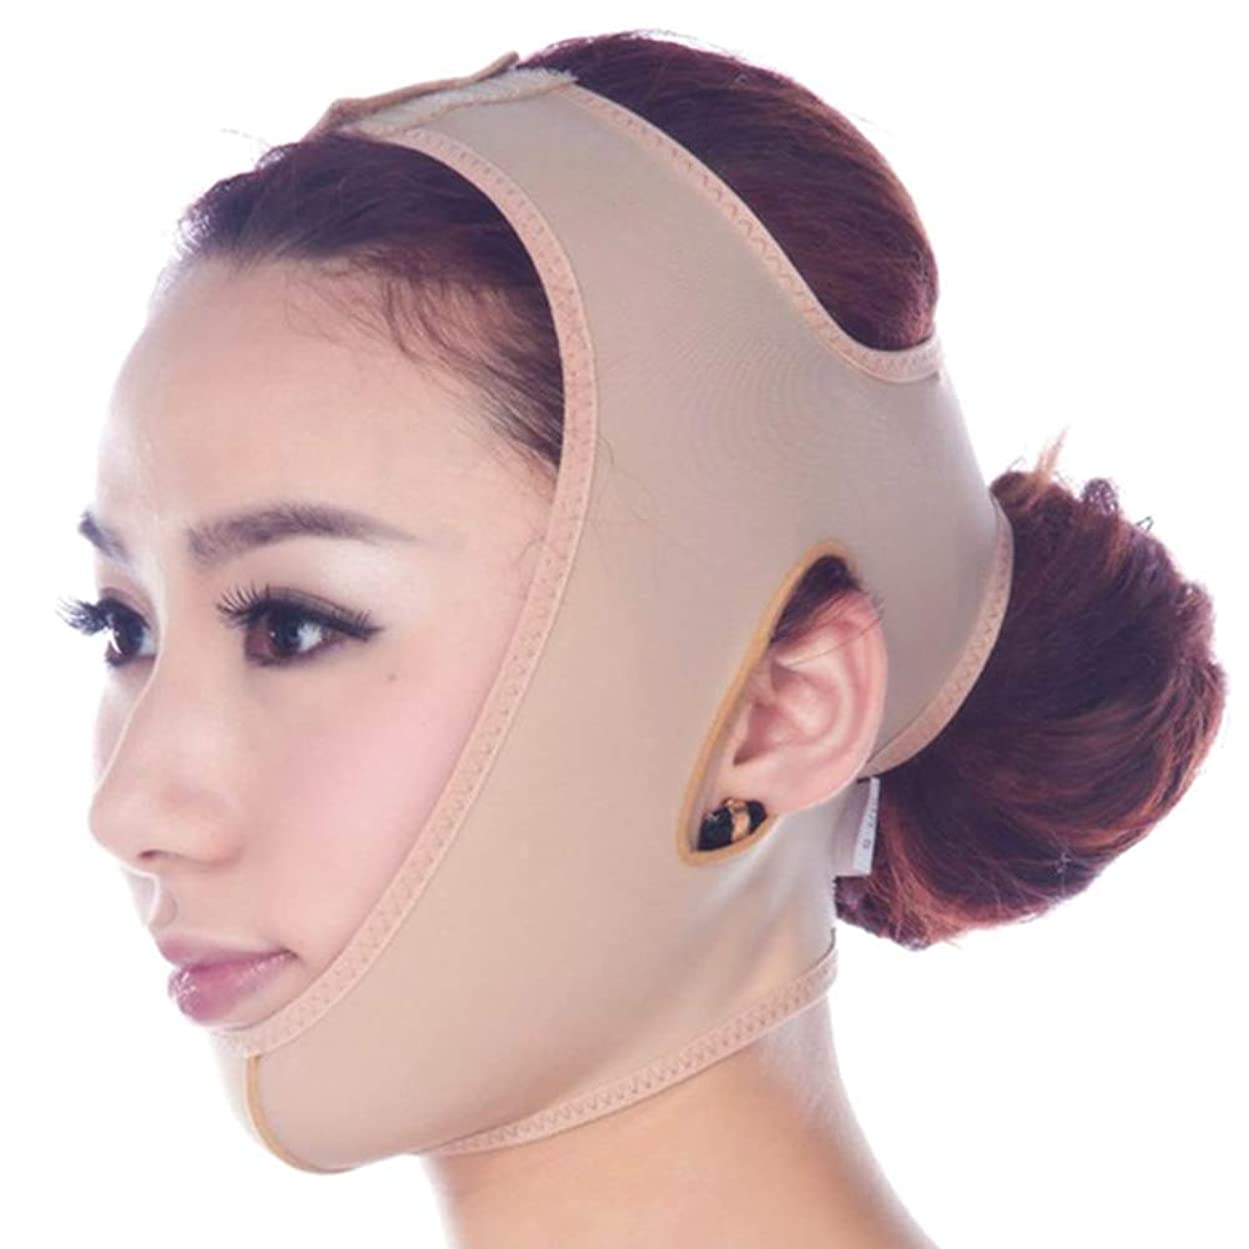 欺く人練るフェイスリフトアップベルトマスク痩身包帯スキンケアシェイパーは、二重顎Thiningバンドを減らします,S